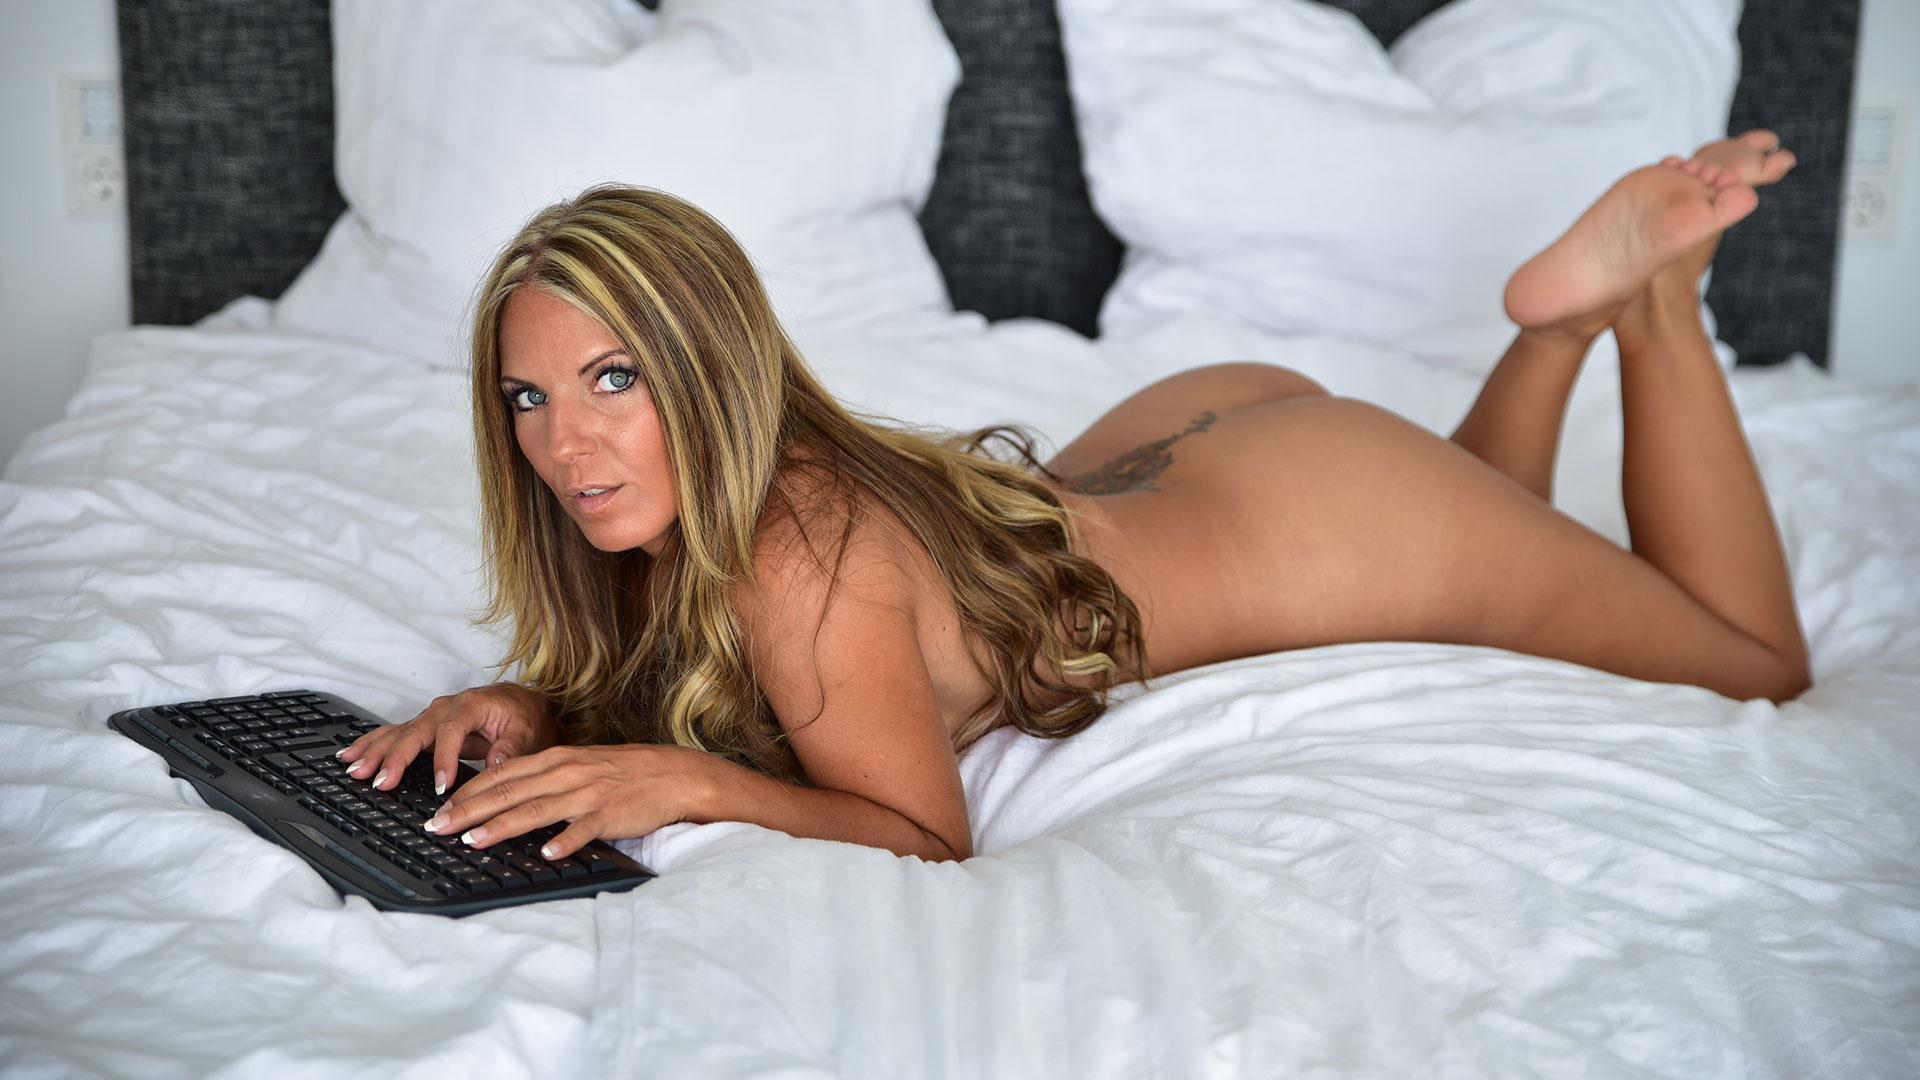 Private Pornovideos